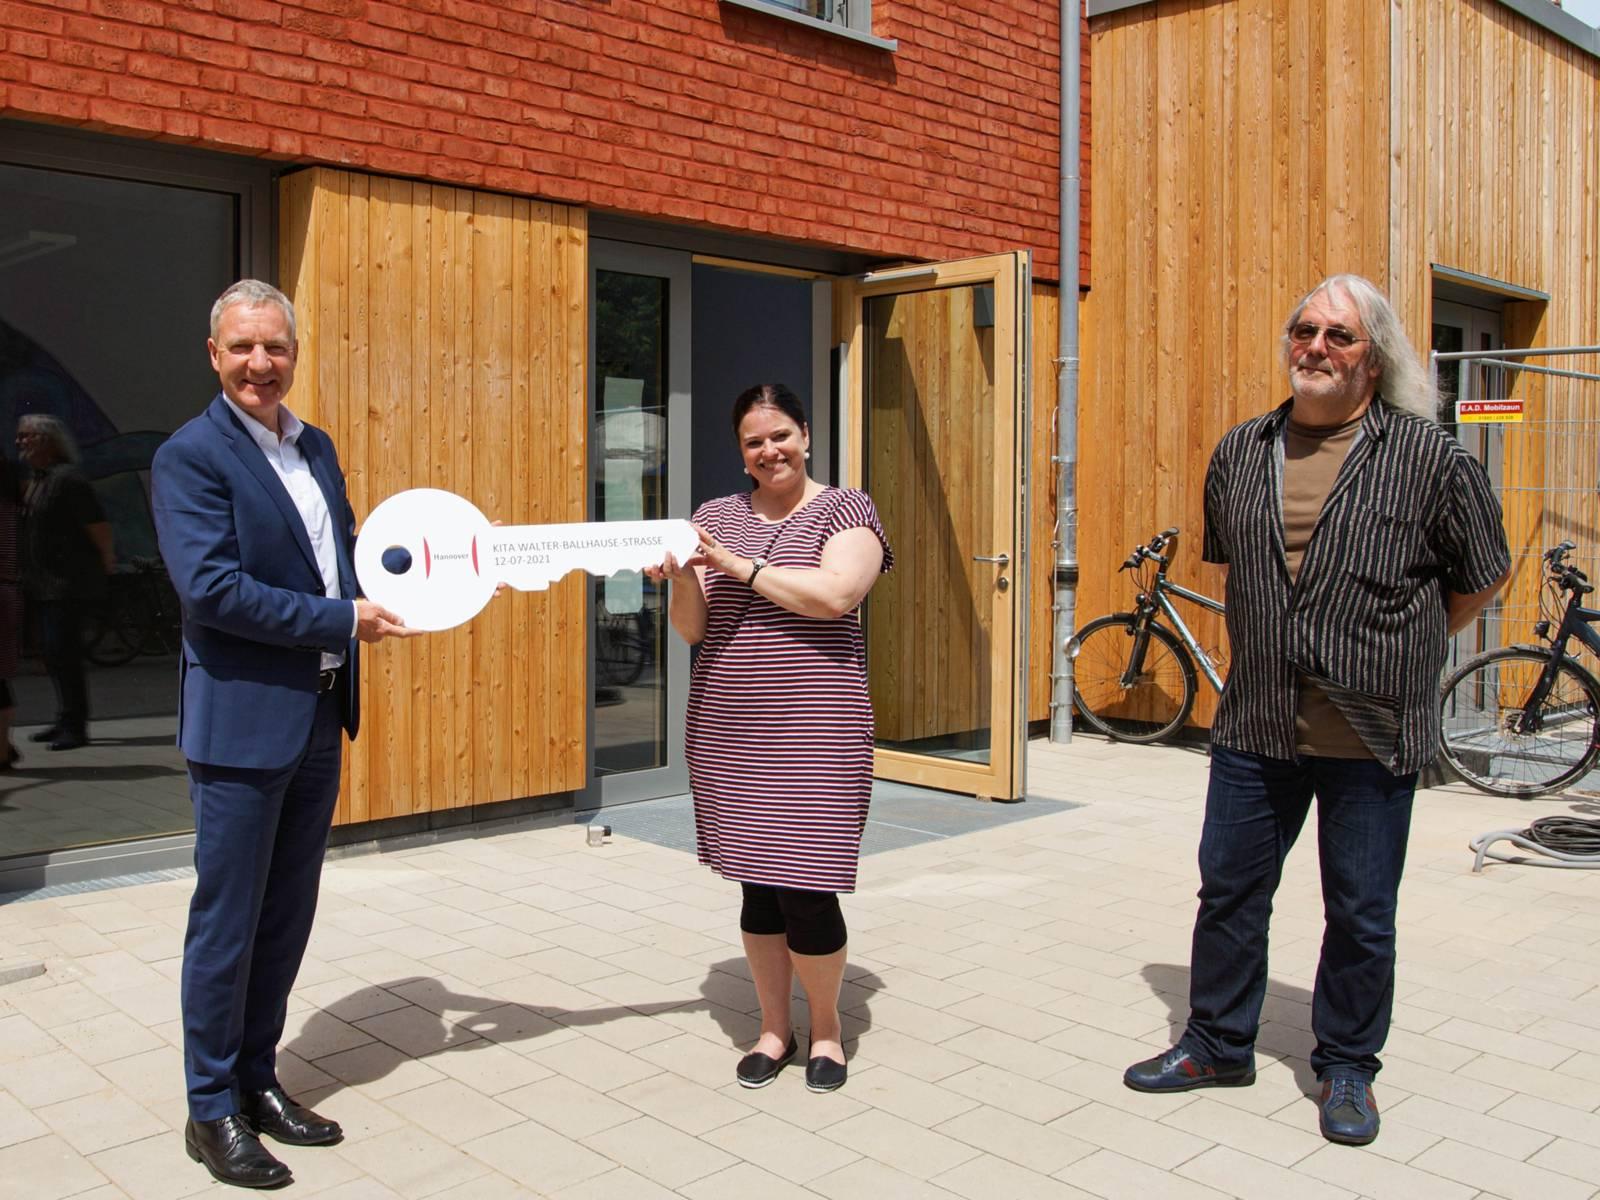 Drei Personen mit einem gro´ßen Schlüssel vor einem Gebäude.